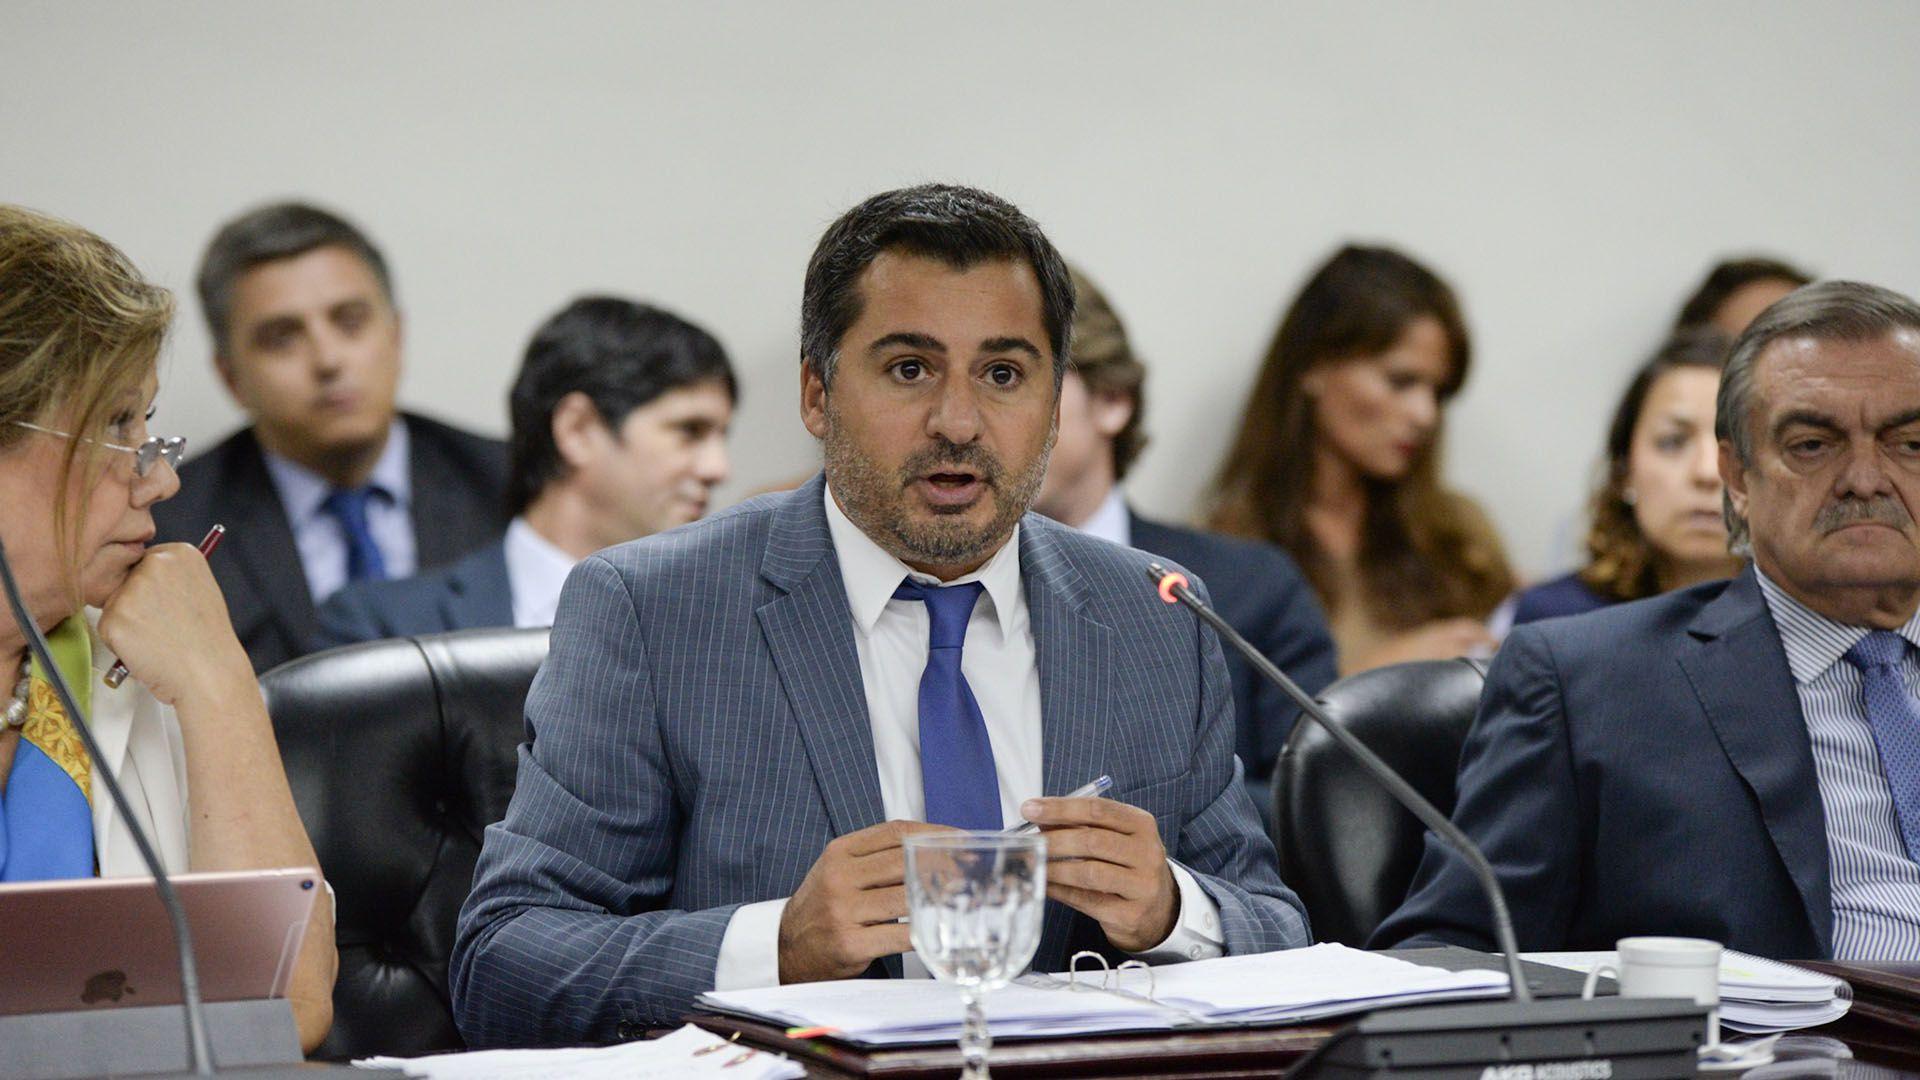 El consejero Diego Molea, nuevo presidente del Consejo de la Magistratura de la Nación (Julieta Ferrario)